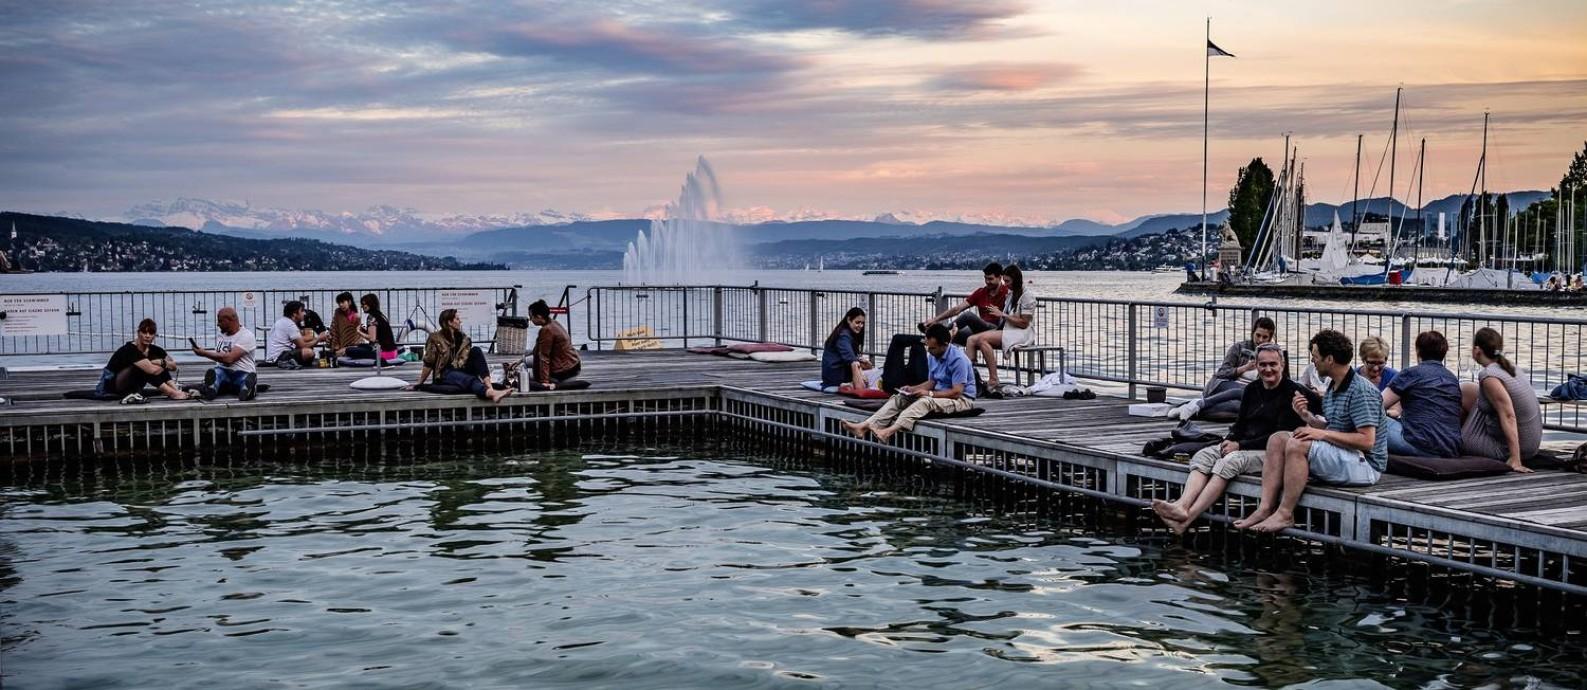 Uma das piscinas públicas de Zurique, onde as pessoas ficam até tarde no verão, com a neve dos Alpes Suíços ao fundo Foto: Alex Buschor / Divulgação